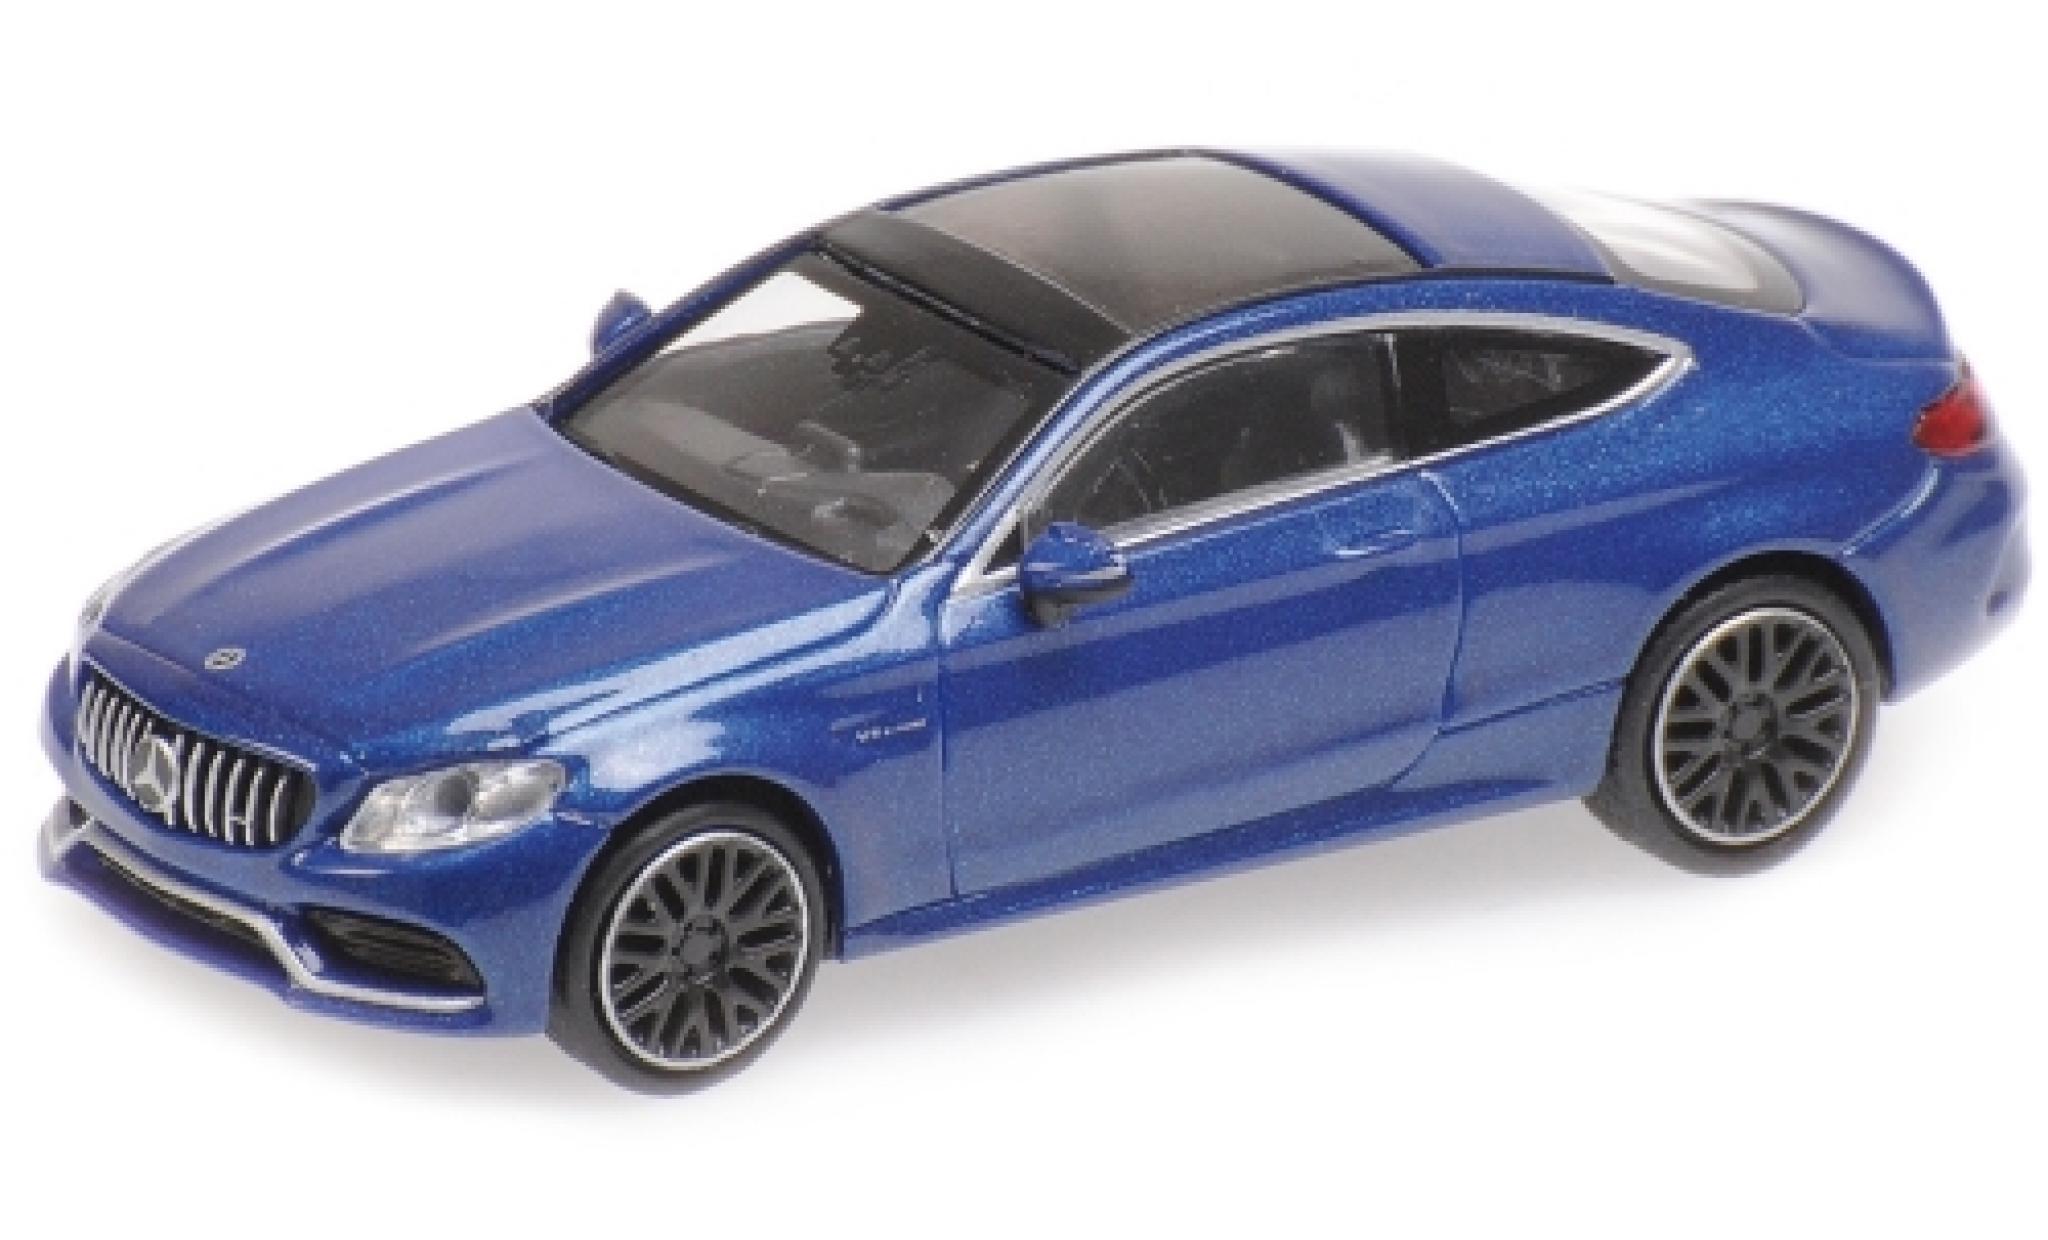 Mercedes Classe C 1/87 Minichamps AMG C 63 Coupe metallise bleue 2019